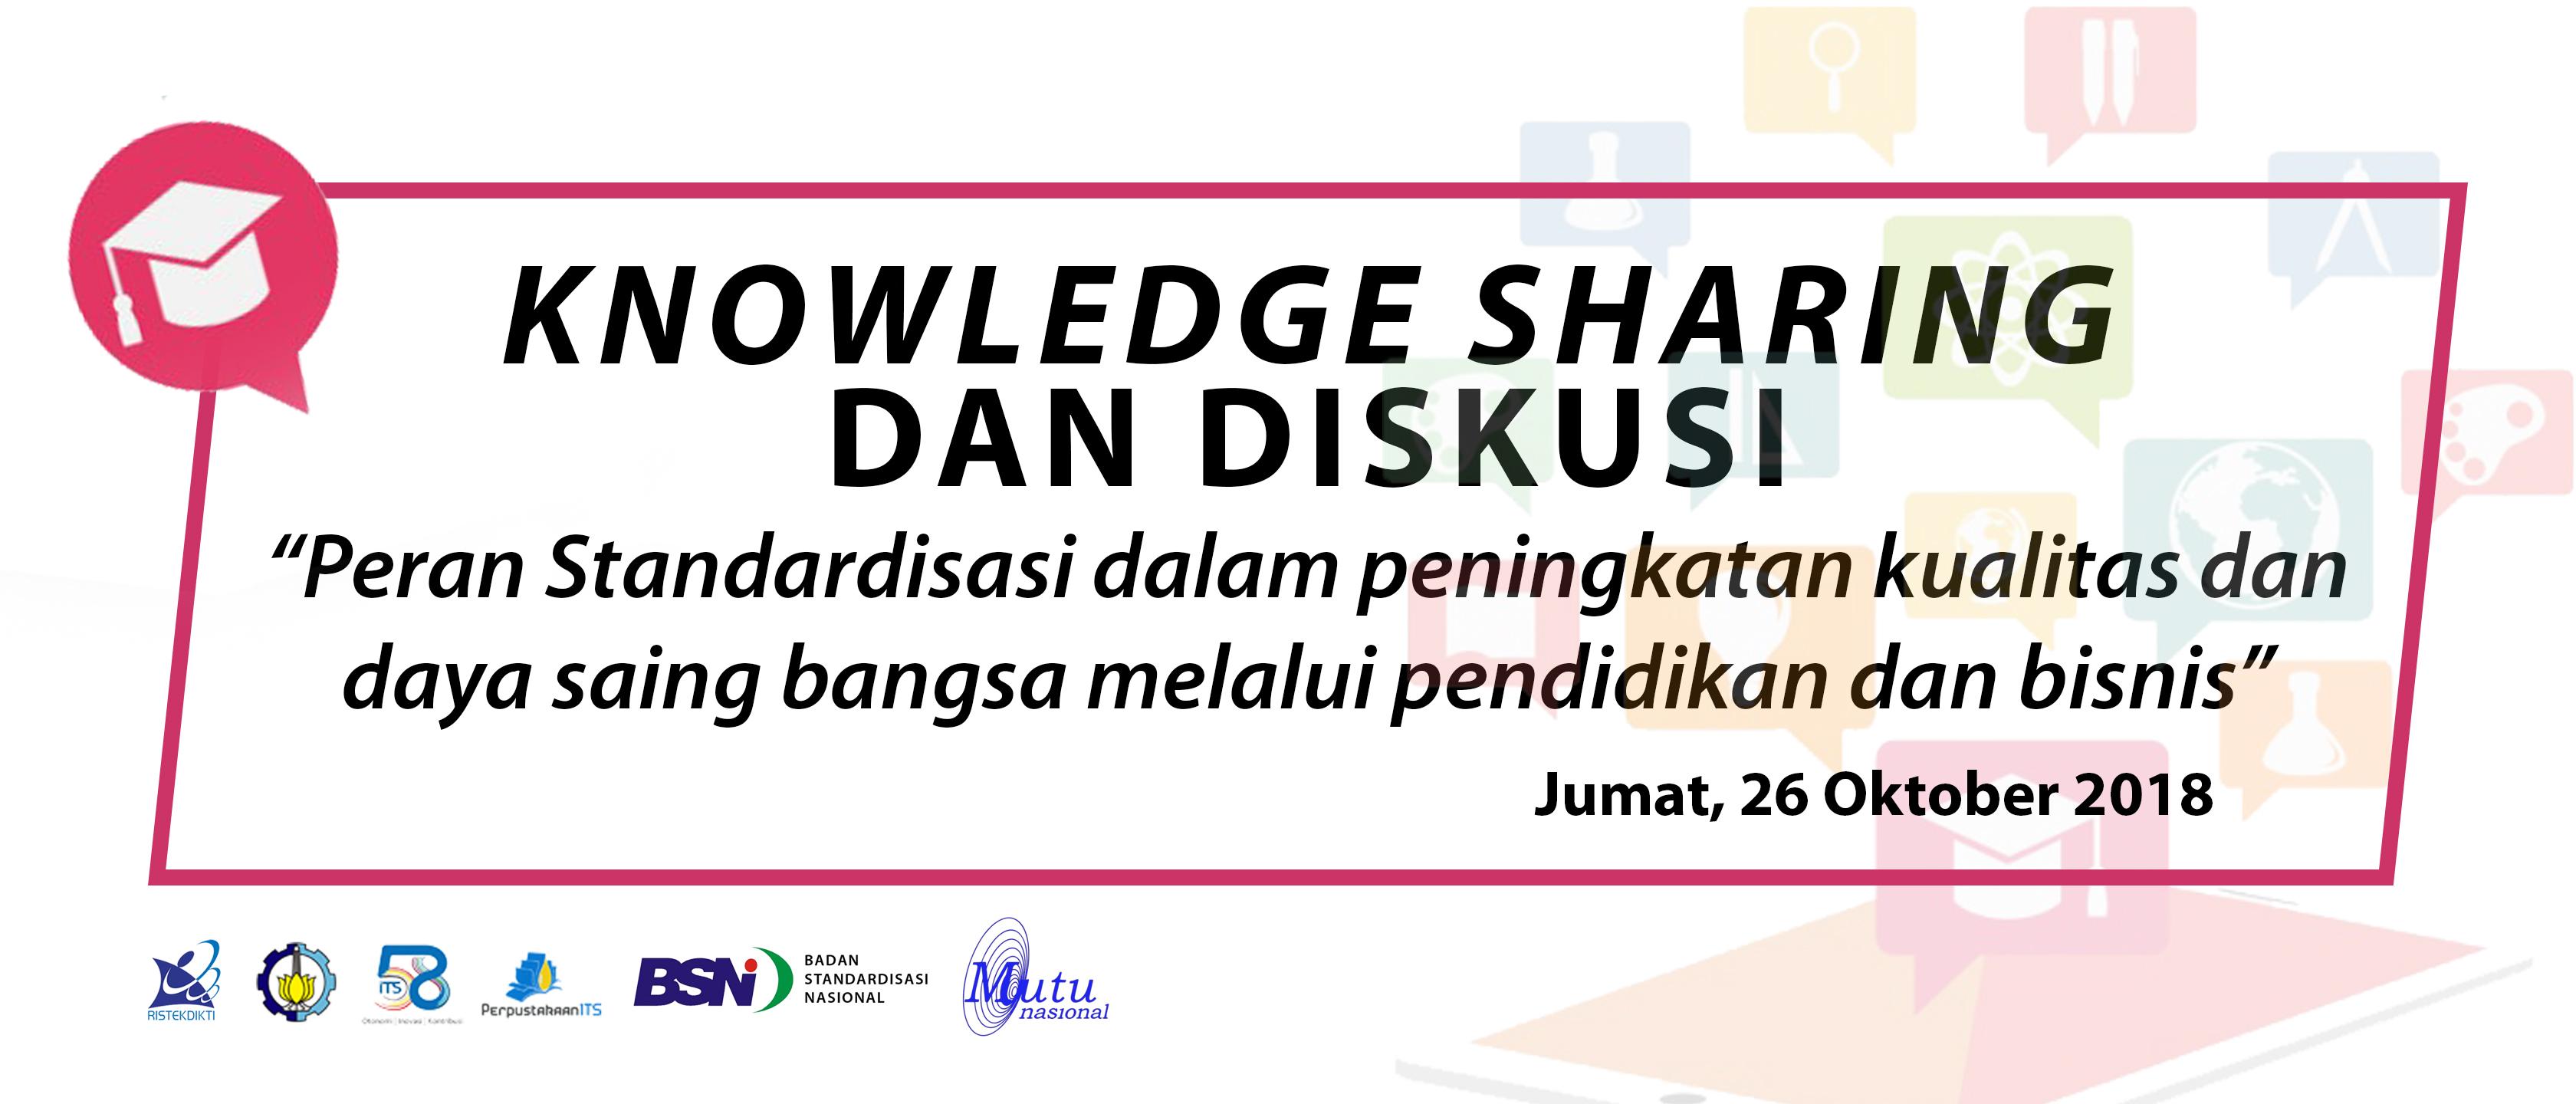 Peran Standardisasi dalam peningkatan kualitas dan daya saing bangsa melaui pendidikan dan bisnis